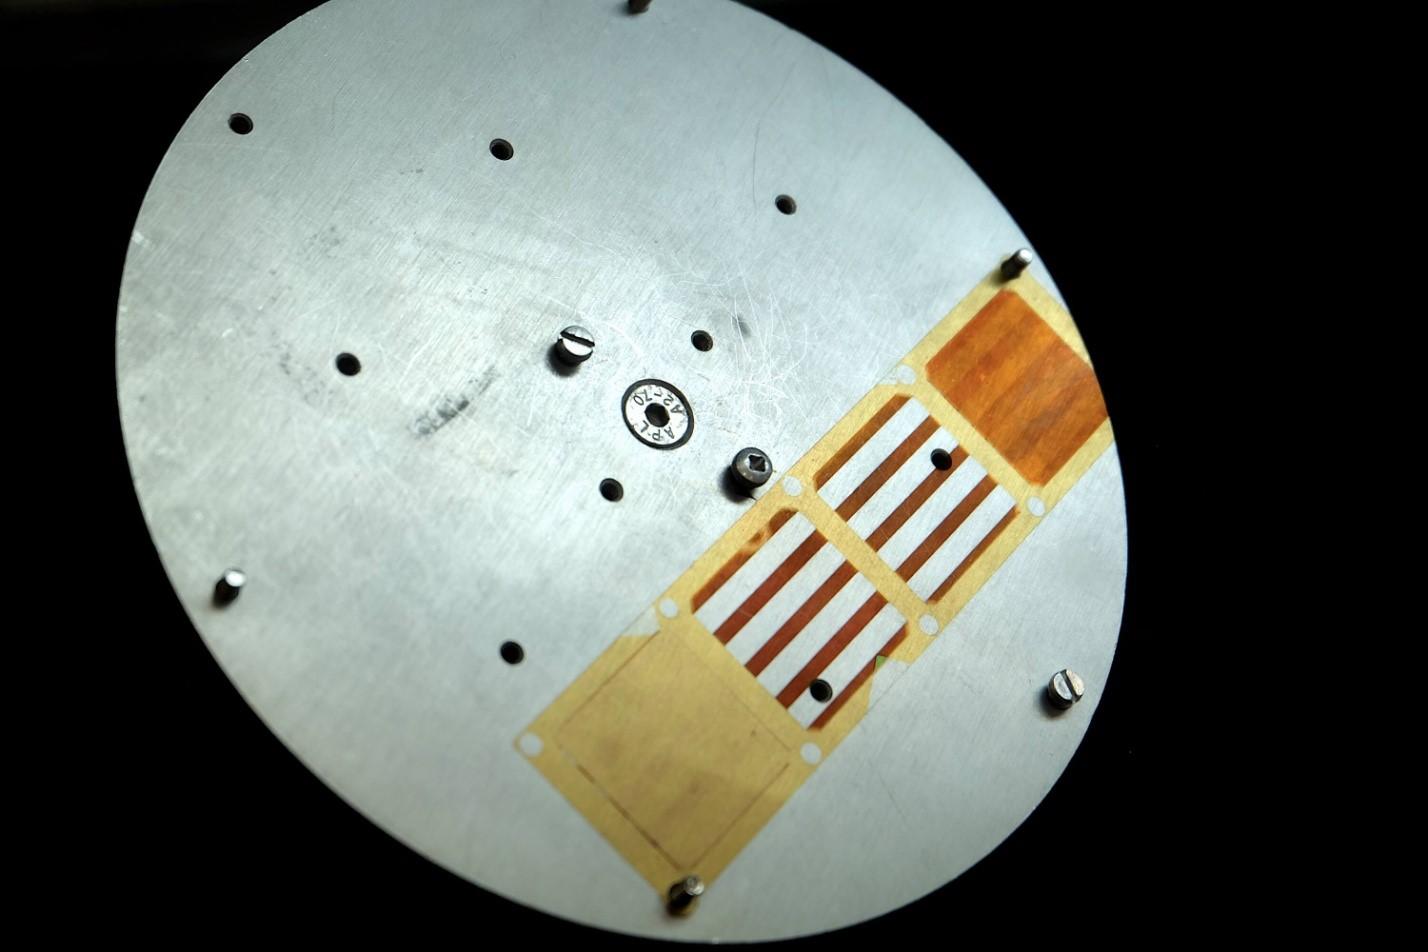 Фотоэкскурсия: что делают в лаборатории гибридной нанофотоники и оптоэлектроники Нового физтеха ИТМО - 13